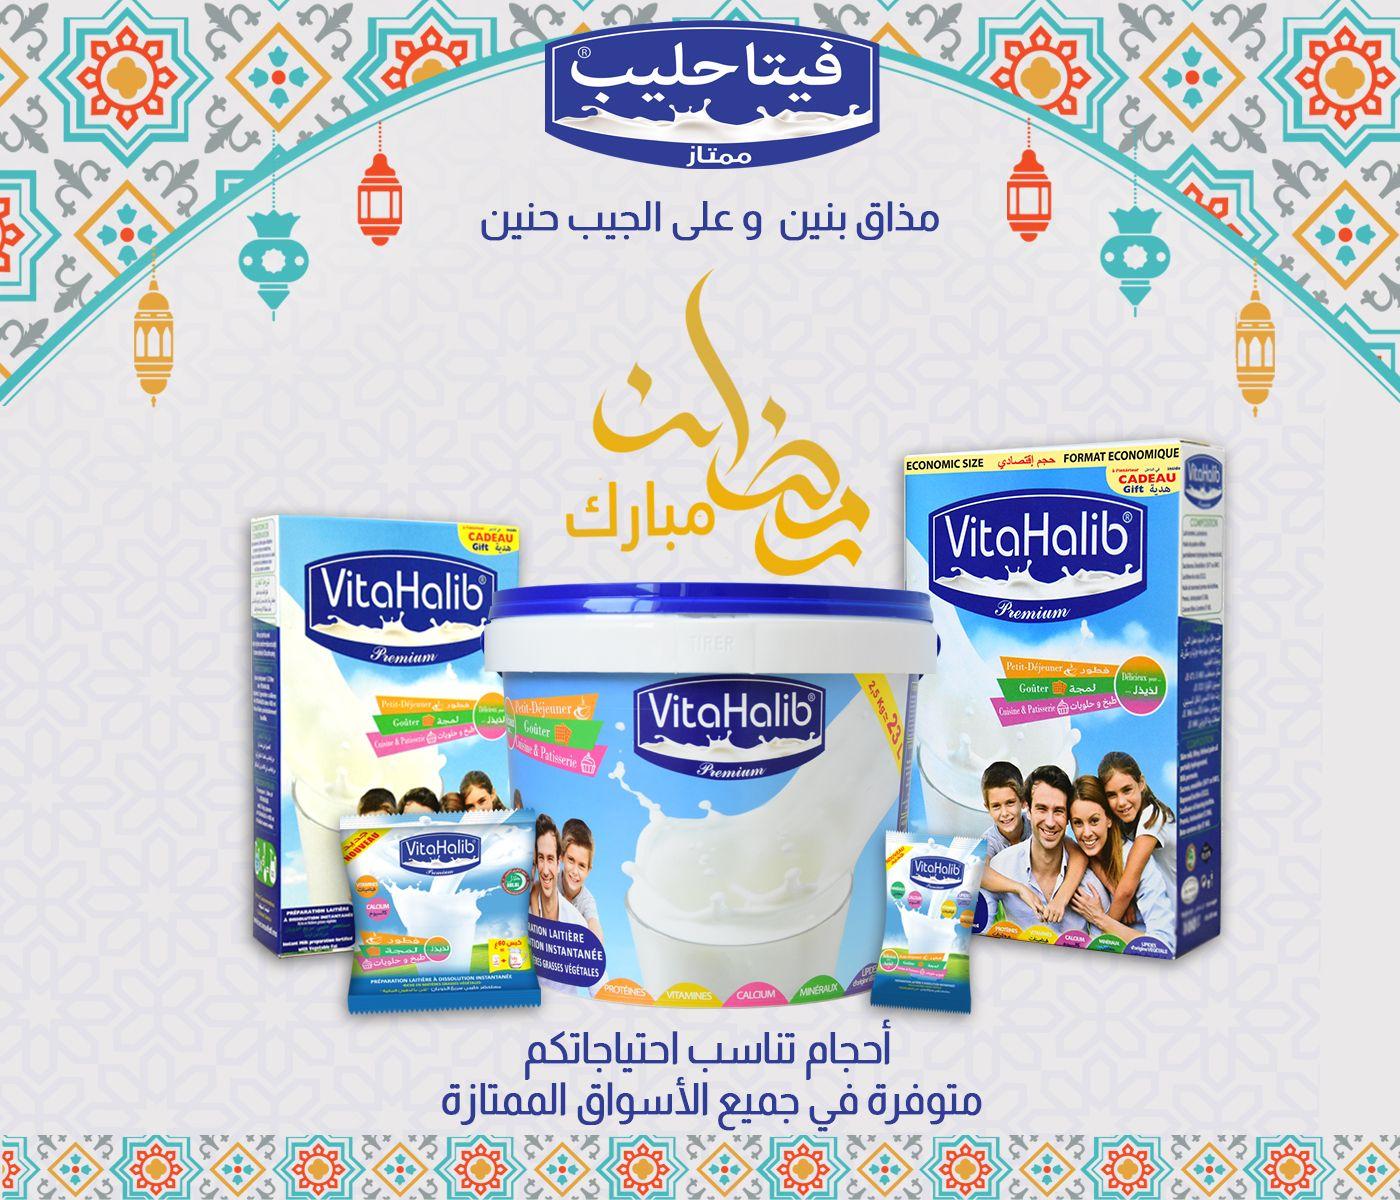 Vitahalib Ramadan 2019 Ramadan Personal Care Person